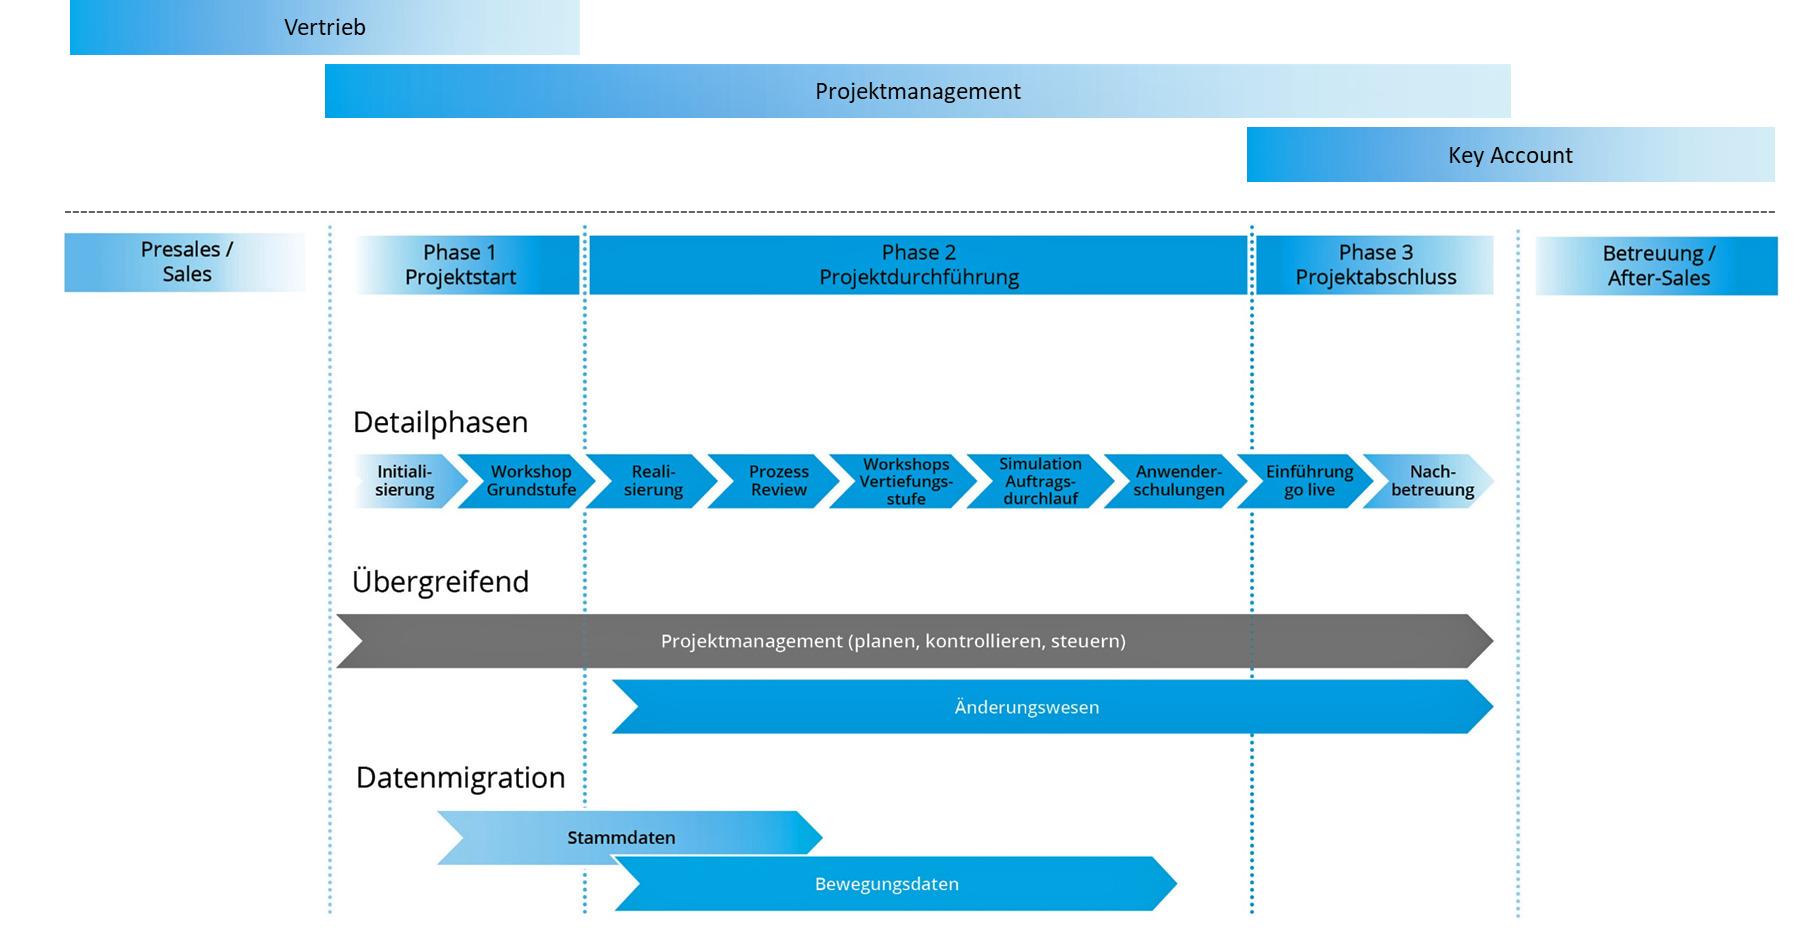 Eine erfolgreiche ERP-Einführung beginnt nicht erst mit der Projektierung. (Bild: Schrempp edv GmbH)